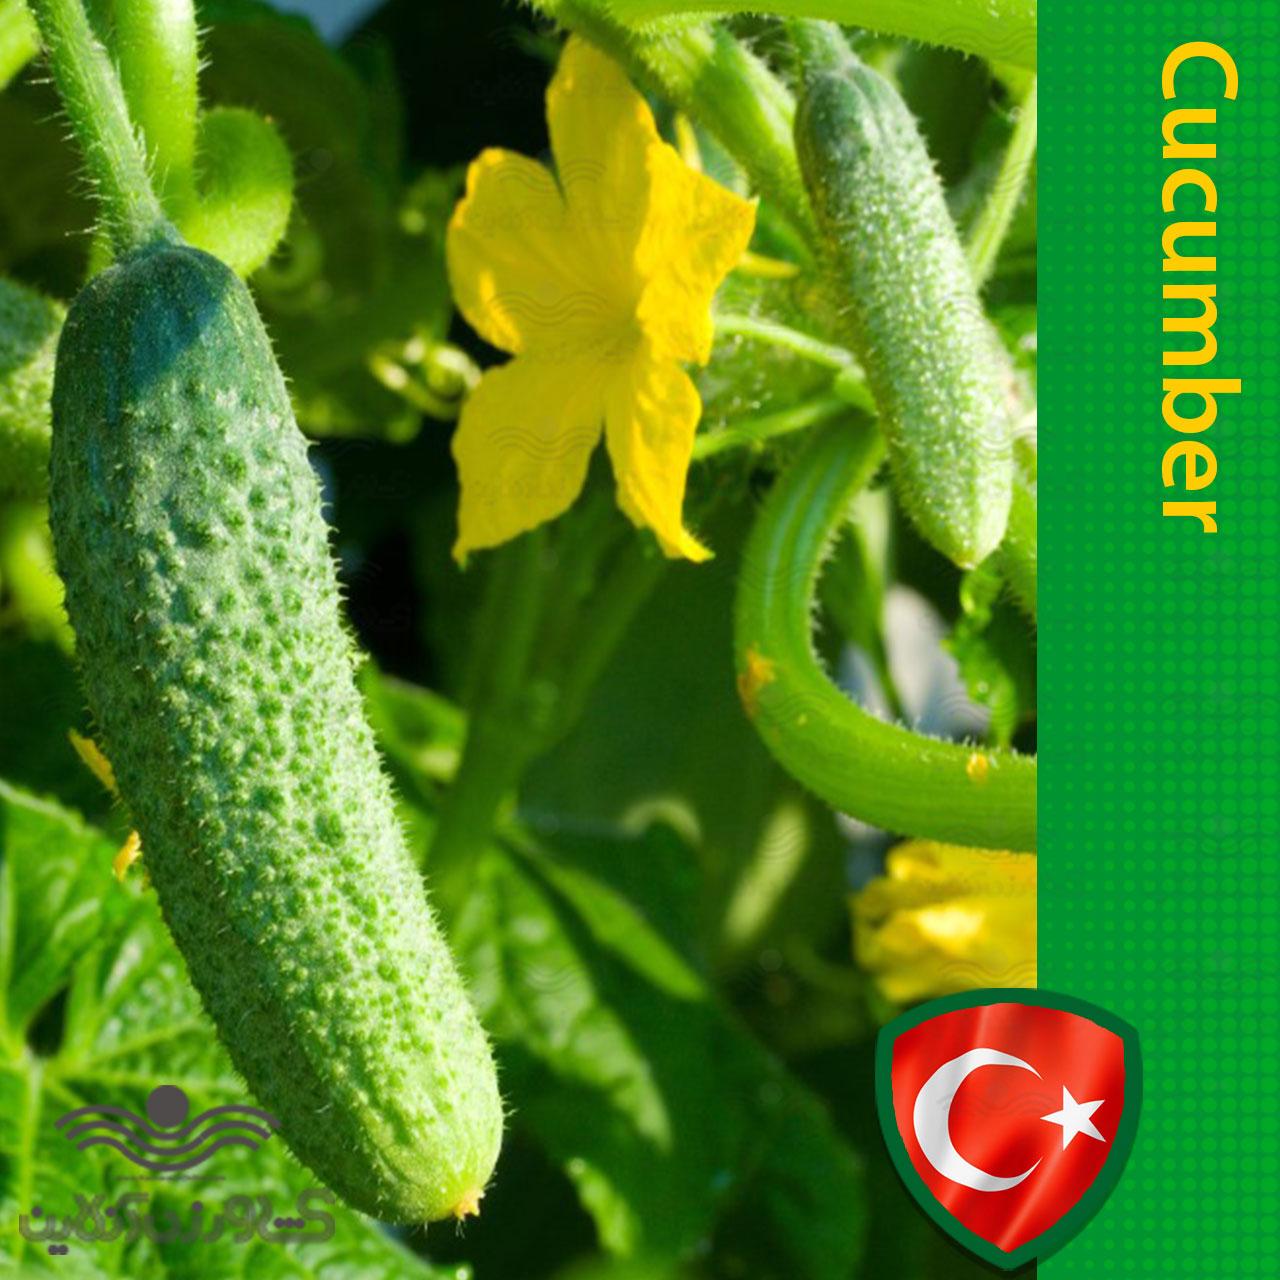 بذر خیار خاردار پرگل خانگی